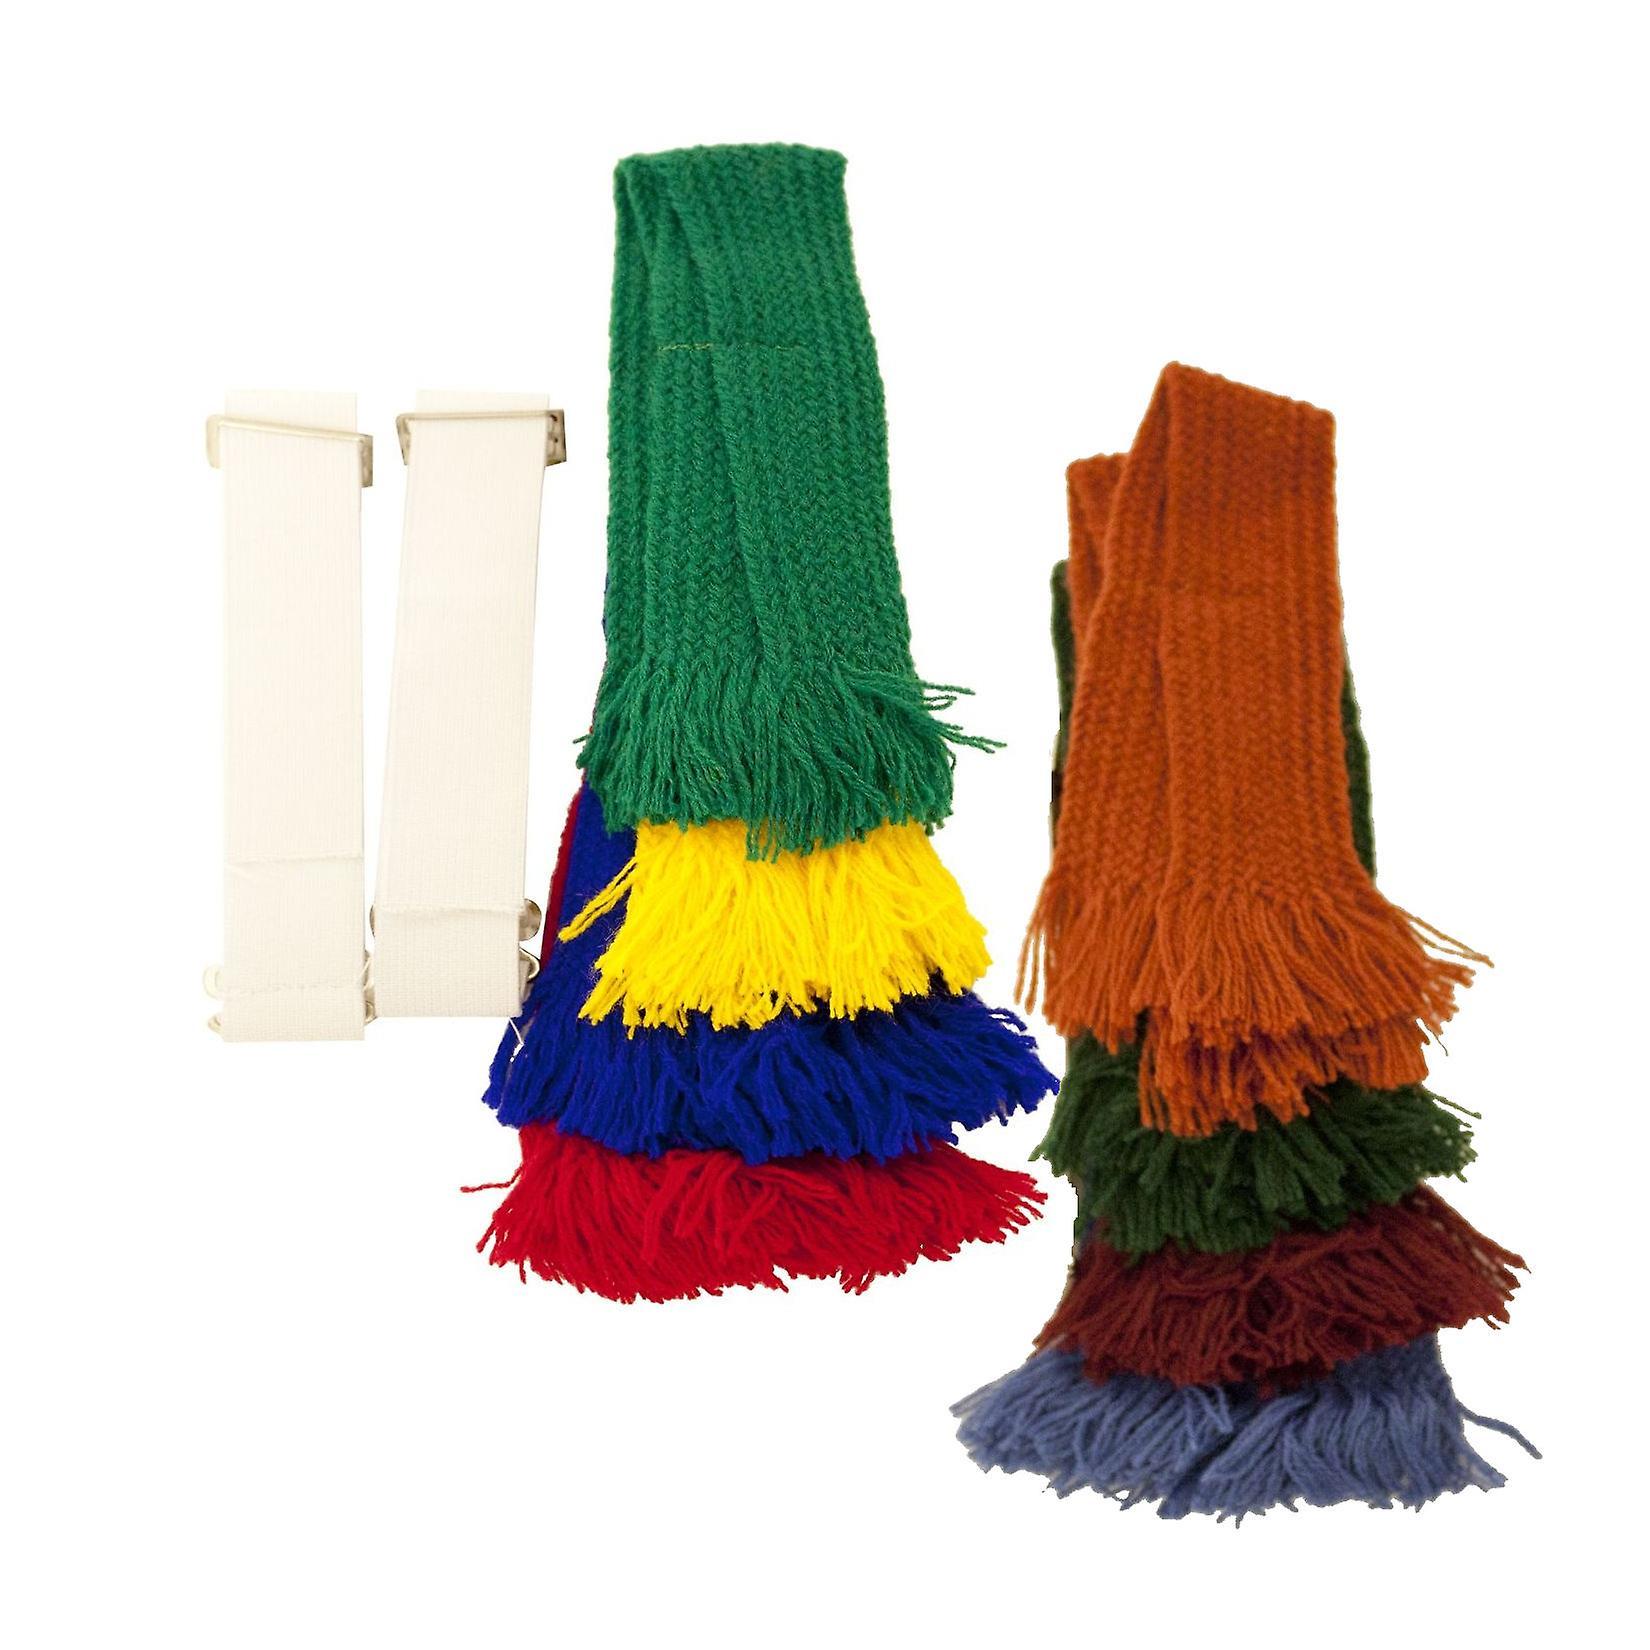 Bisley Strumpfband Set - Satz von 4 Strumpfhalter mit verstellbare elastische Socke Krawatte fotografieren